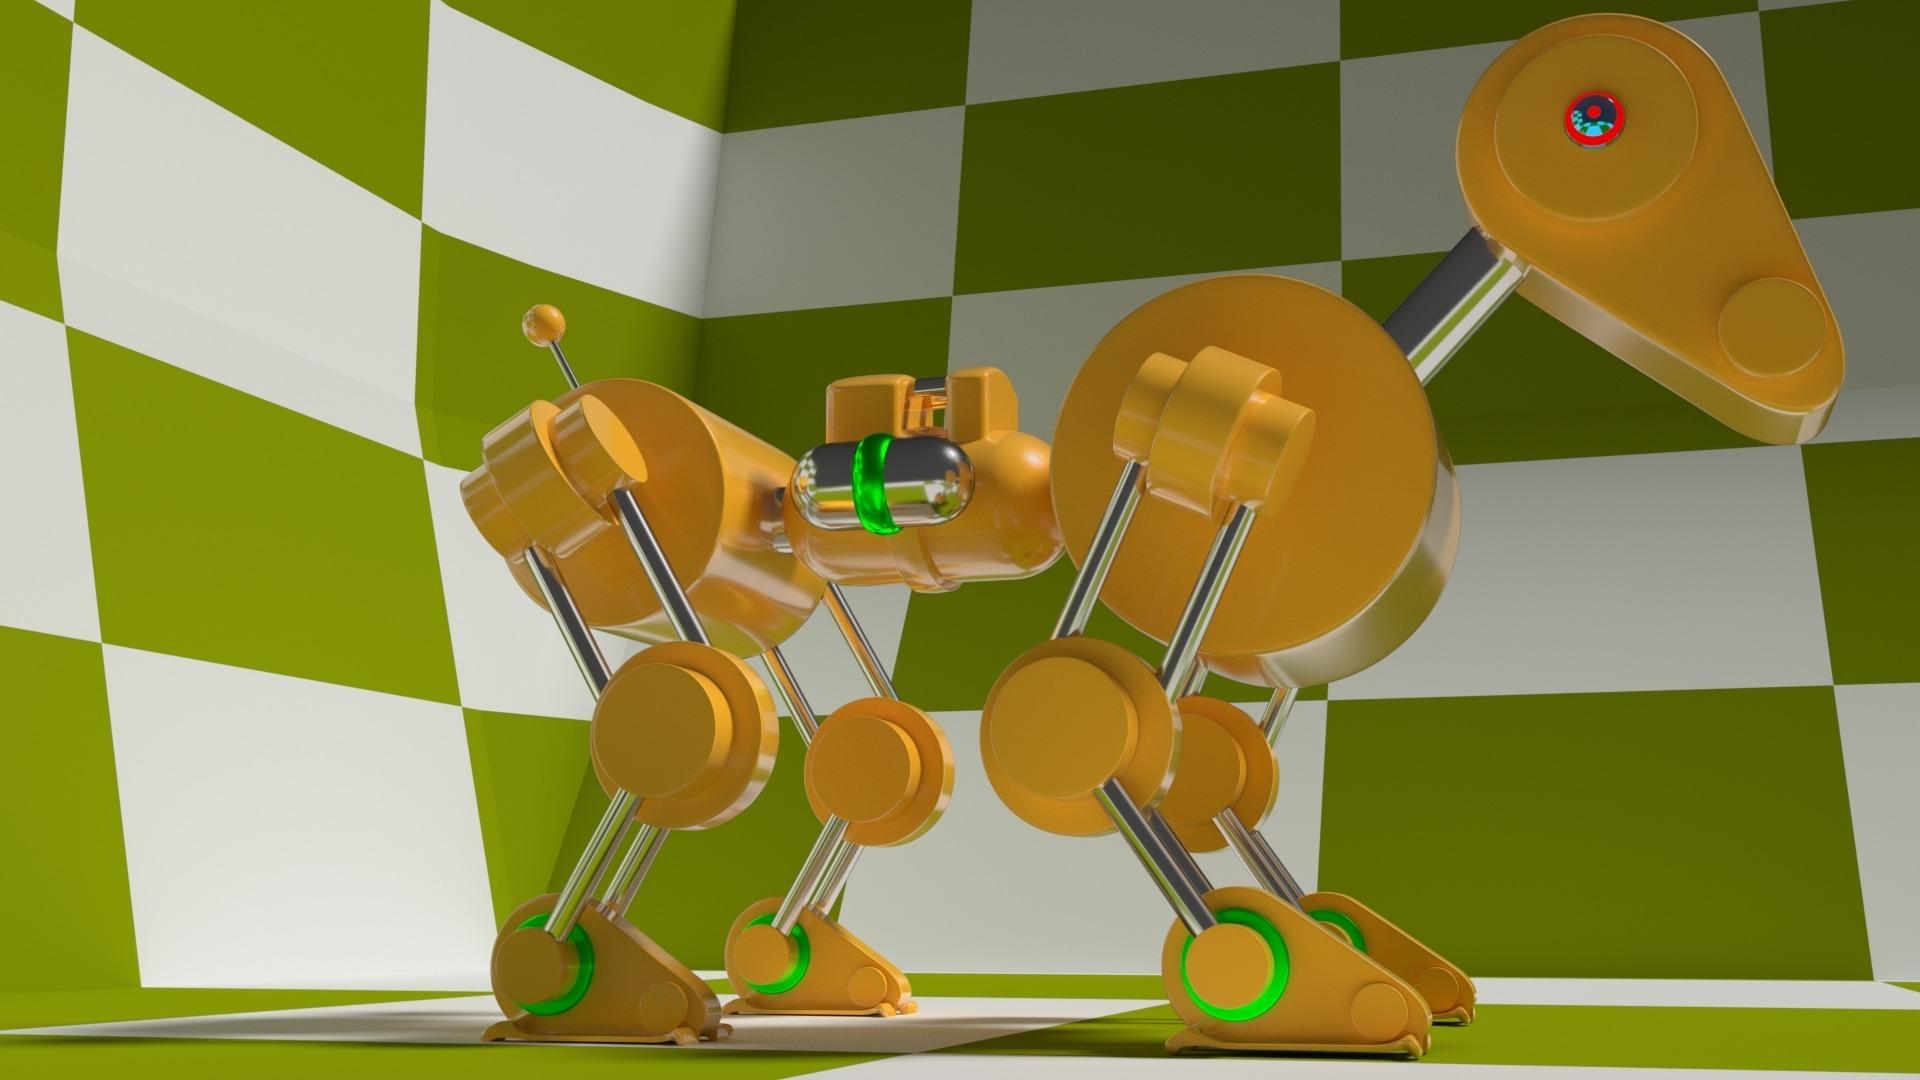 cane_robot1